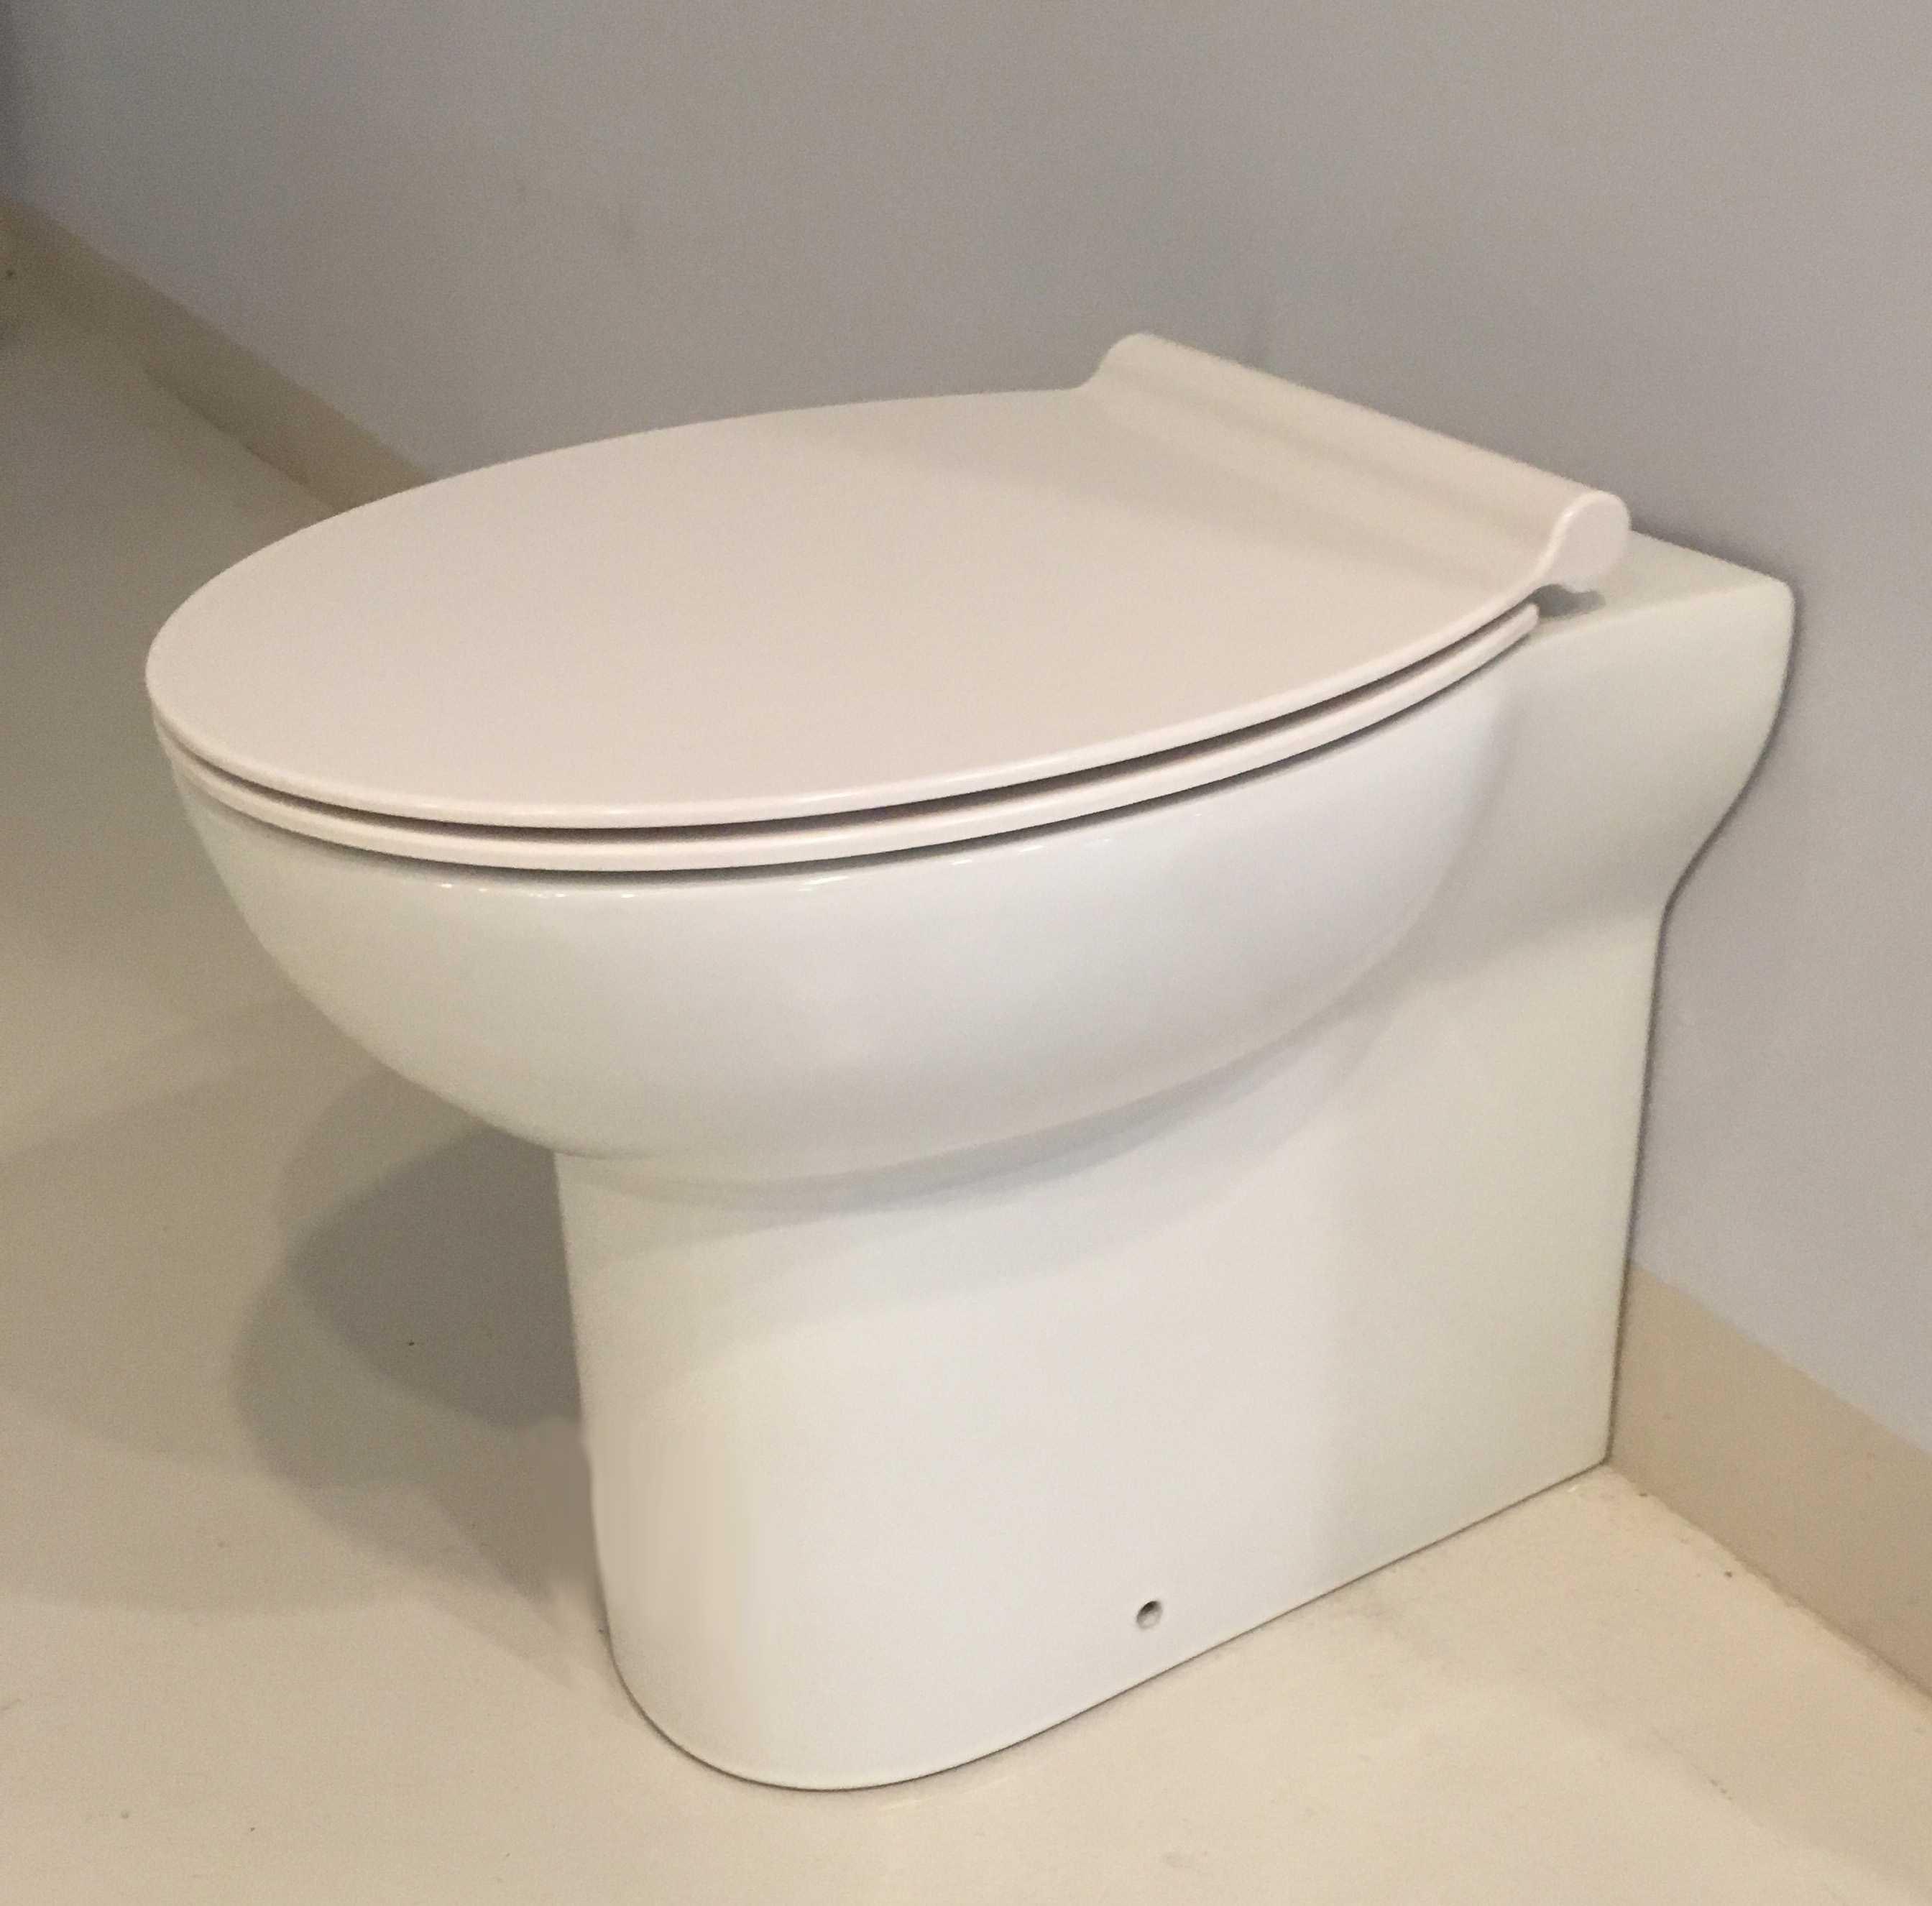 Wc bagno filoparete con sedile soft Close Ceramica Azzurra Fast